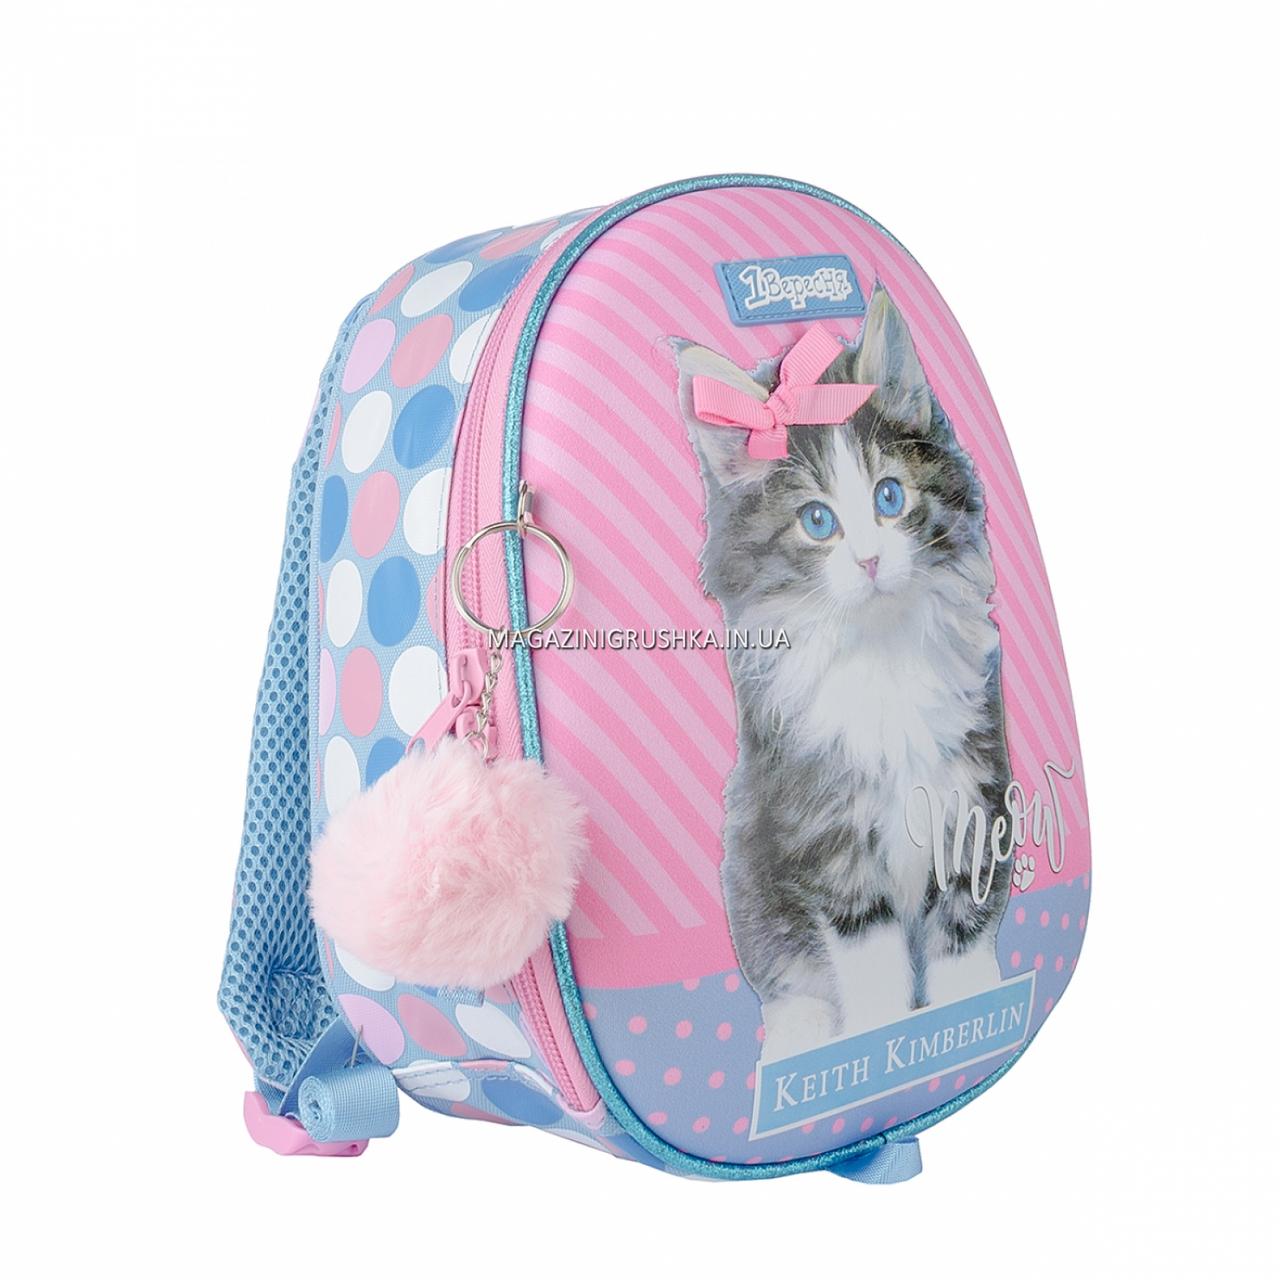 Рюкзак дитячий 1 Вересня Keit Kimberlin Рожевий з блакитним (558545)